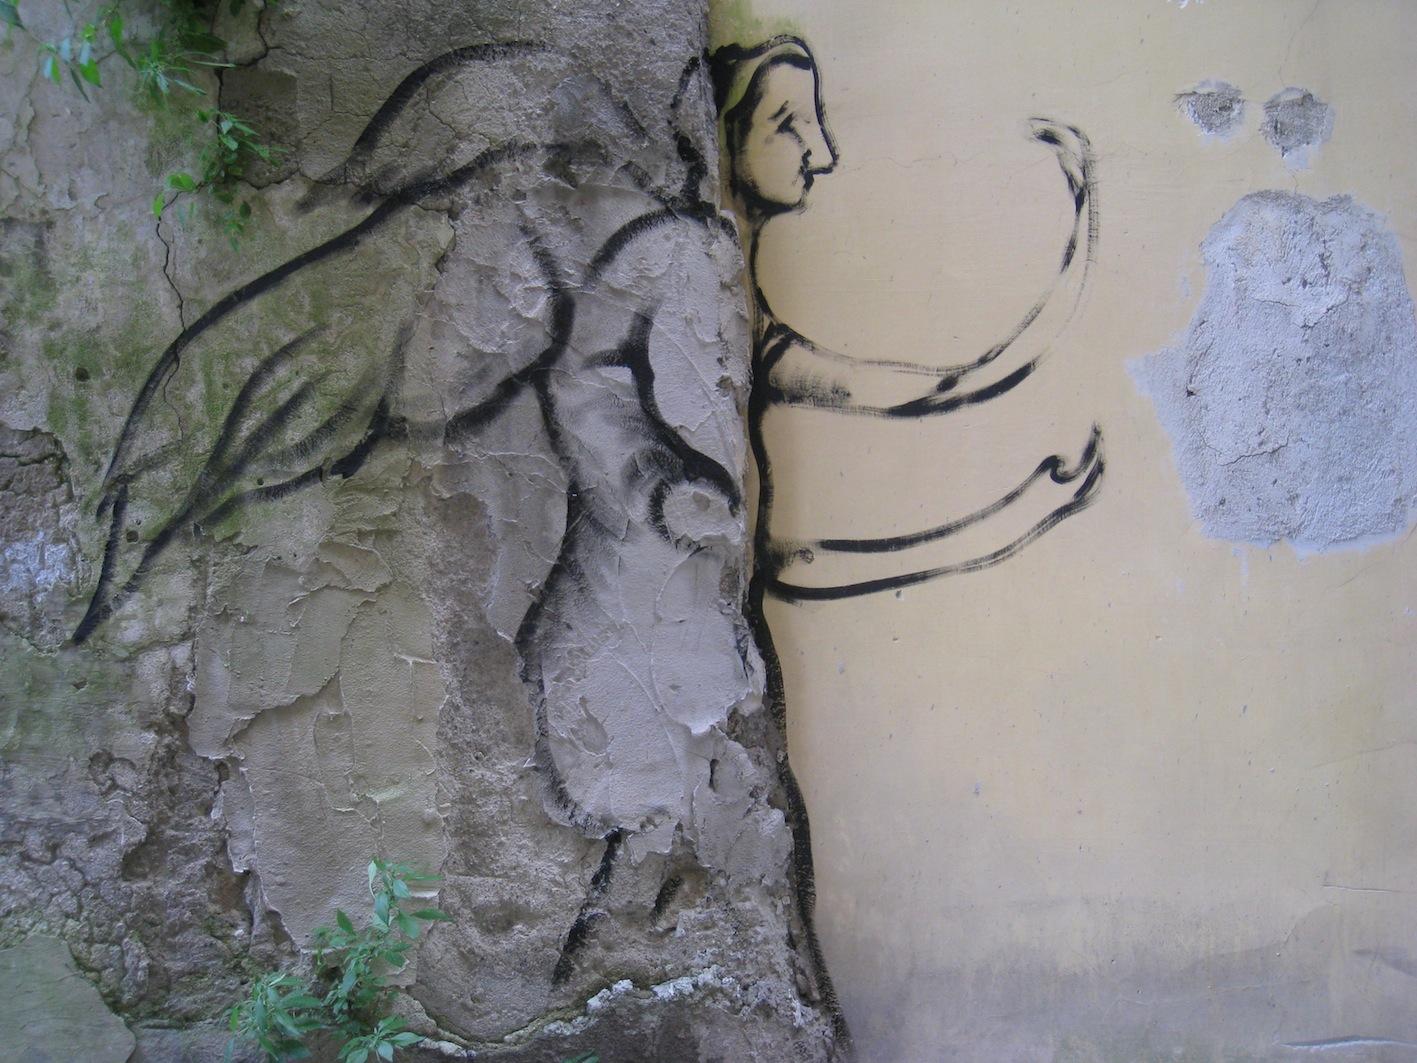 RYAN E LA STREET ART (racconti)